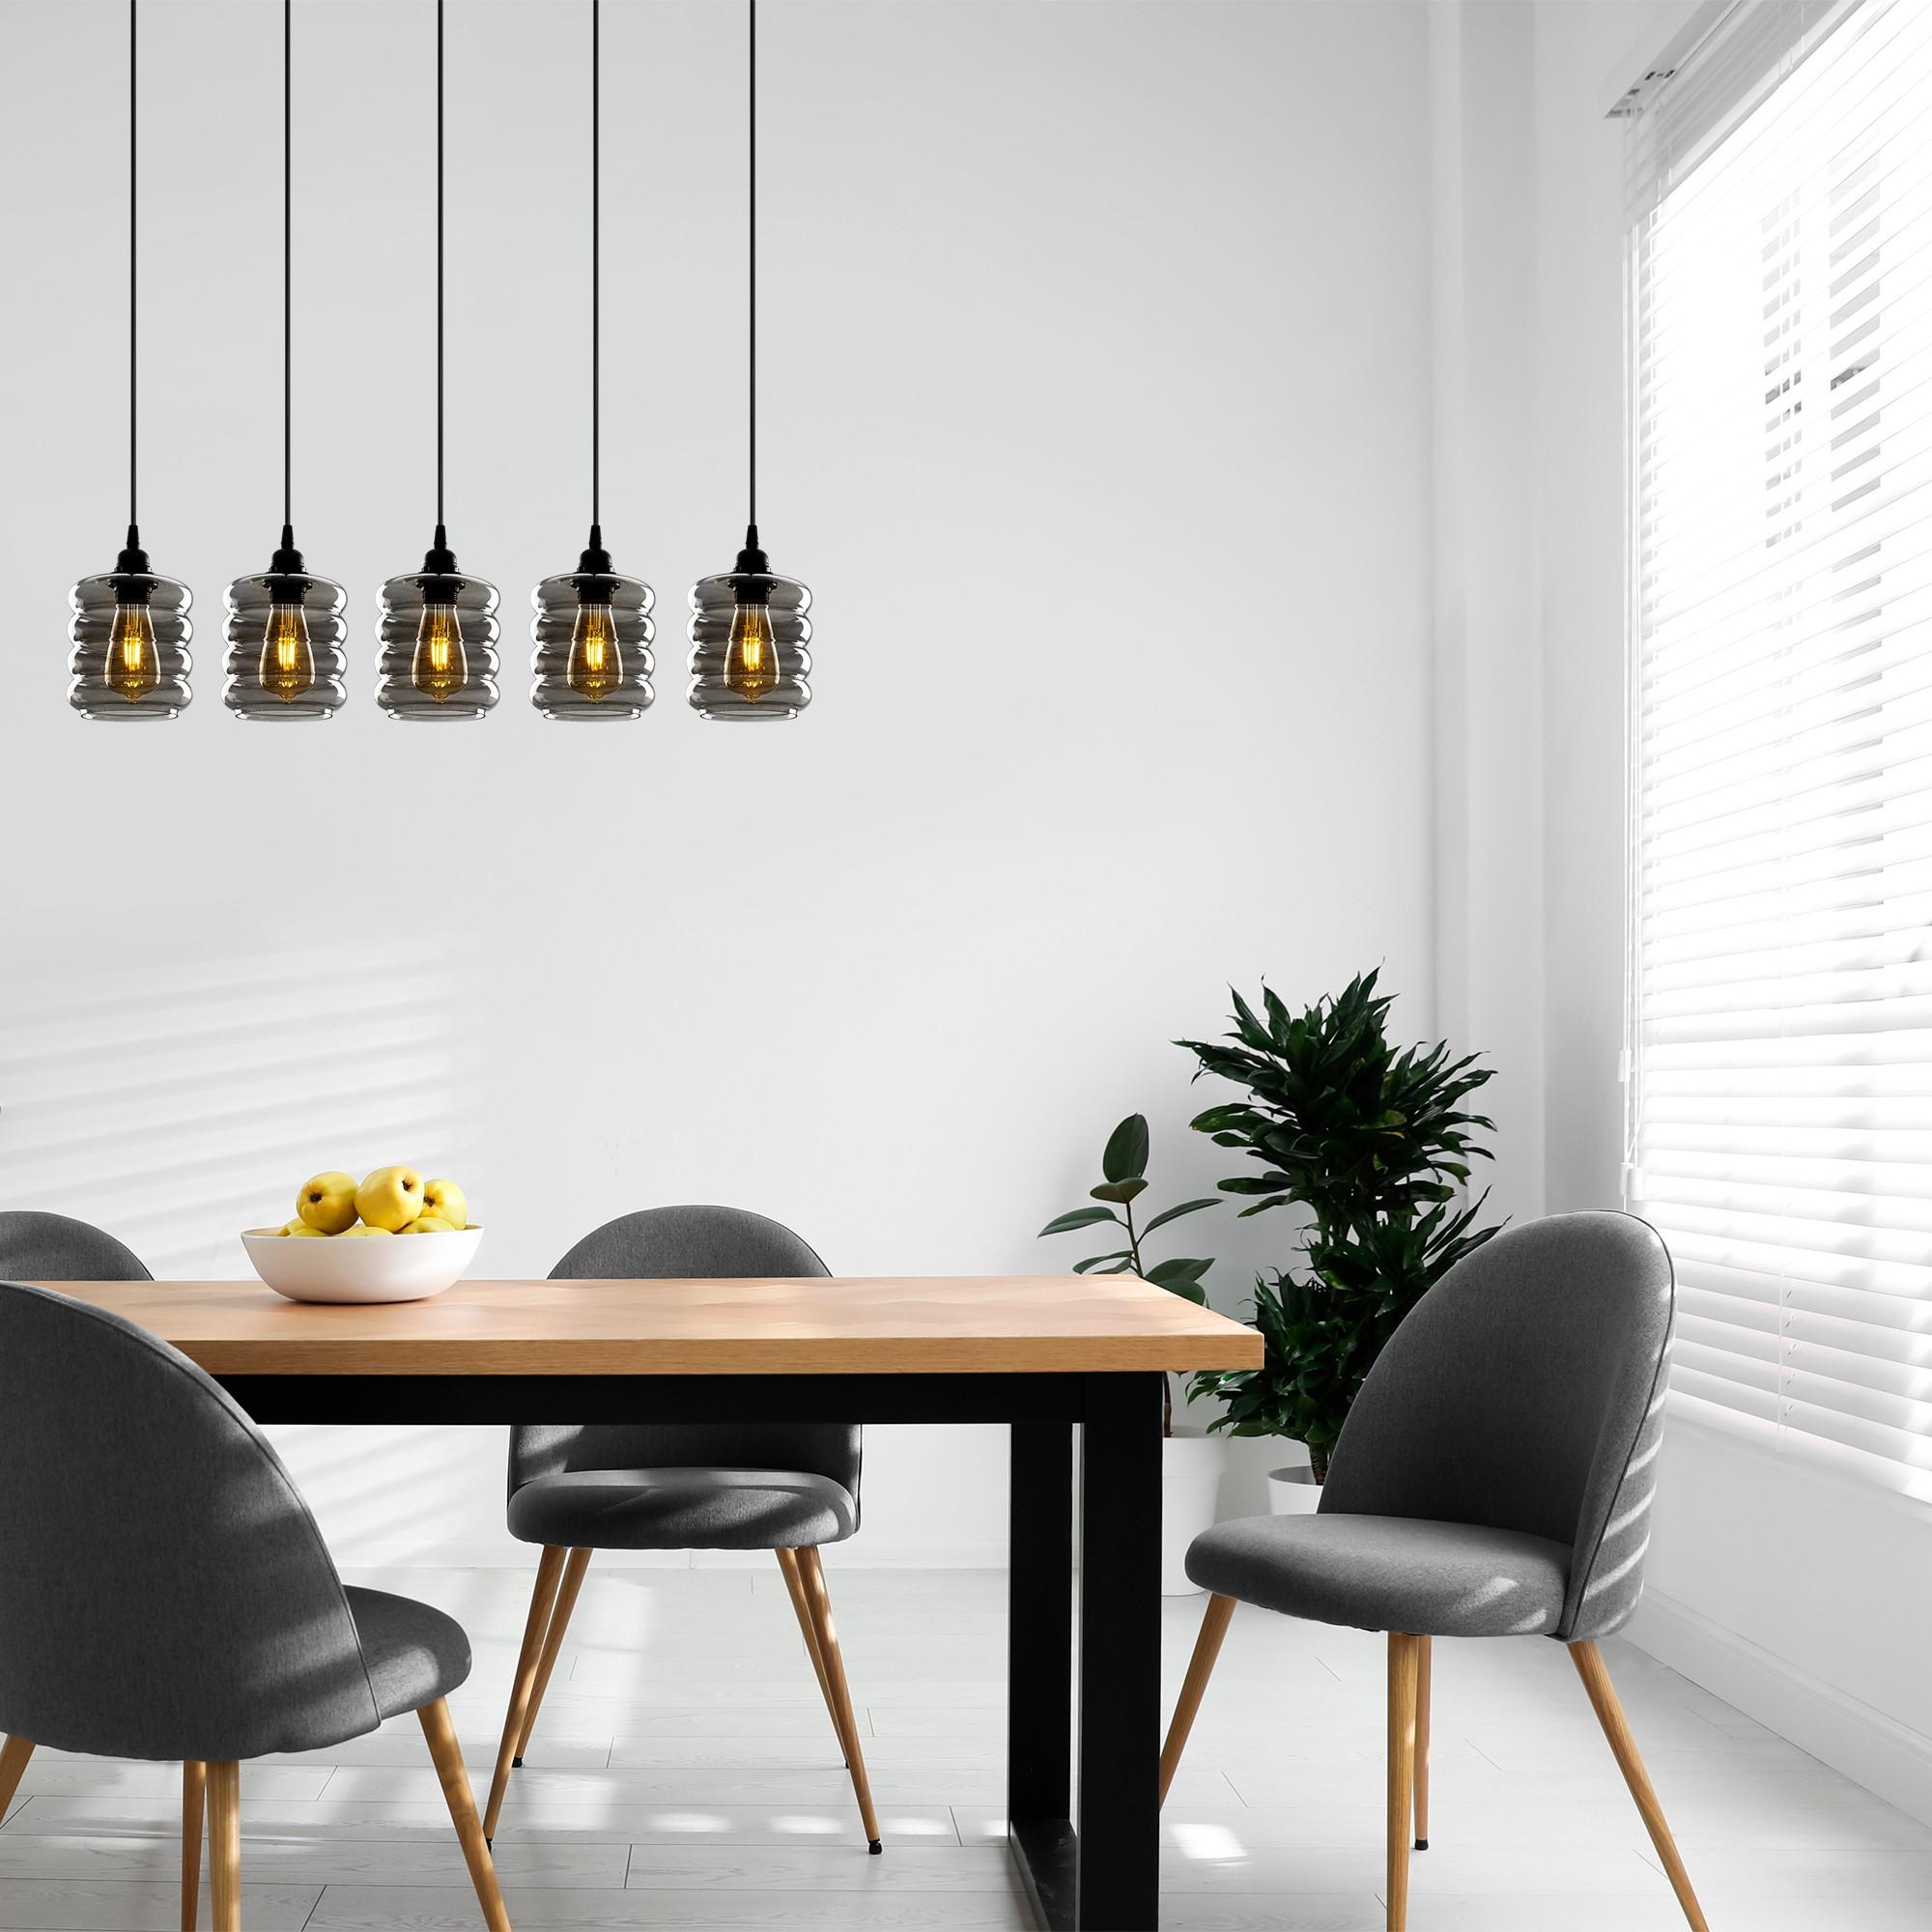 Hanglamp gerookt glas 5 keer e27 fitting IP20 - inrichting